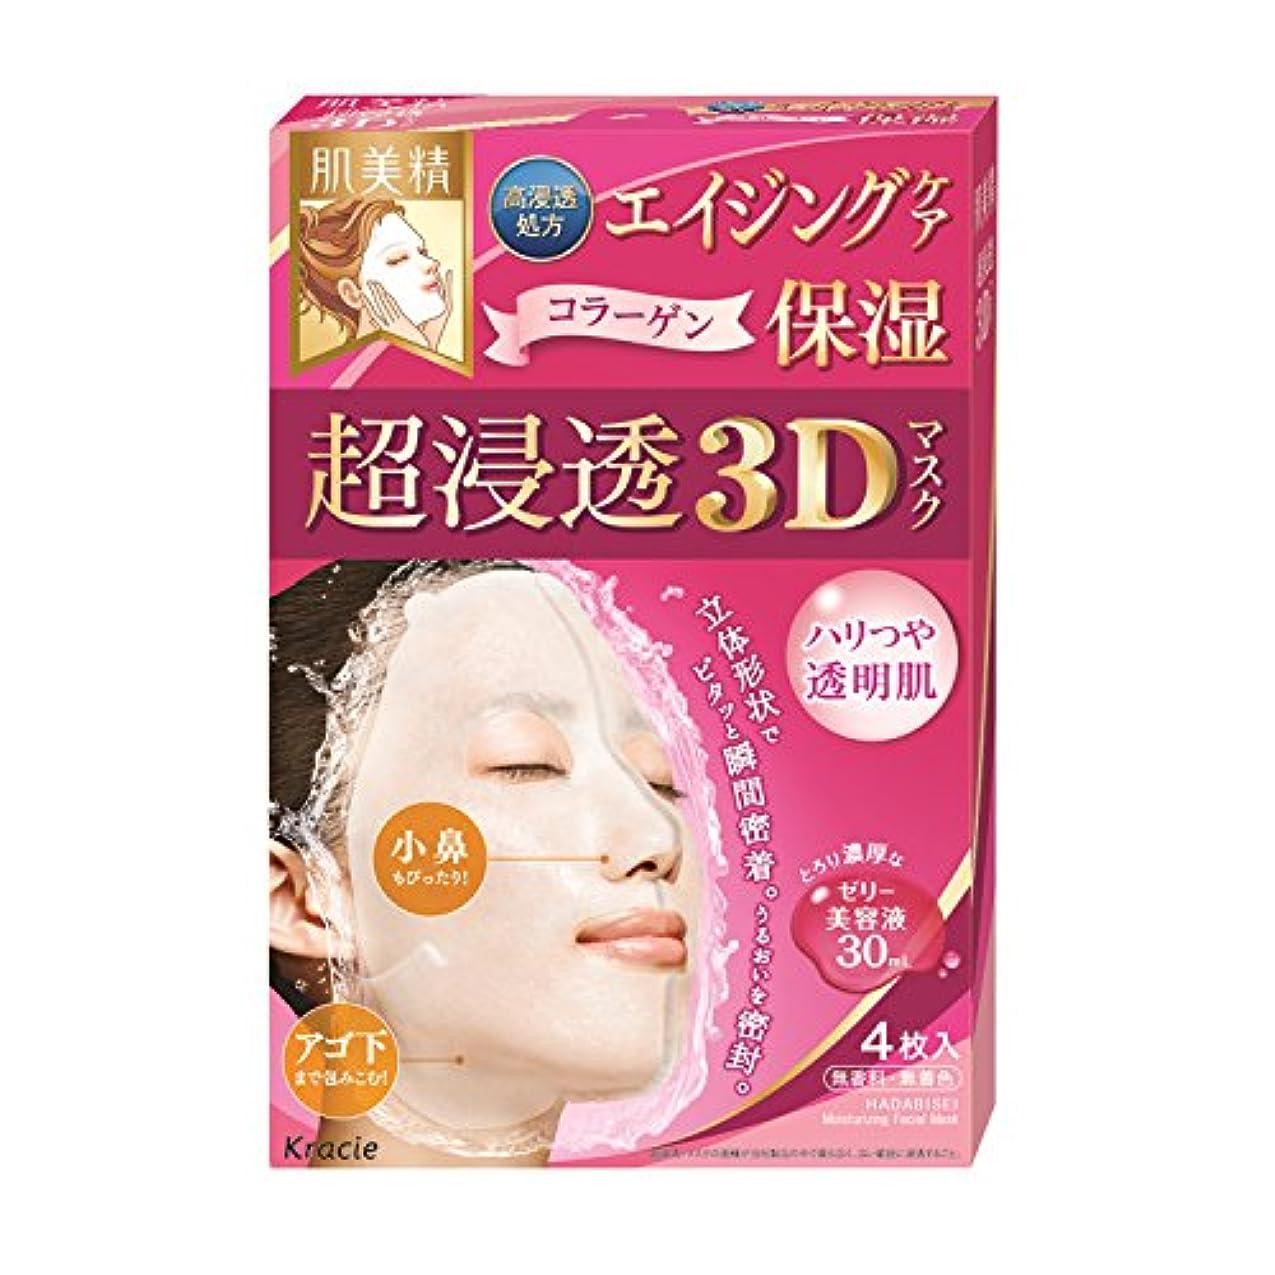 持参遺体安置所廃棄肌美精 超浸透3Dマスク (エイジング保湿) 4枚